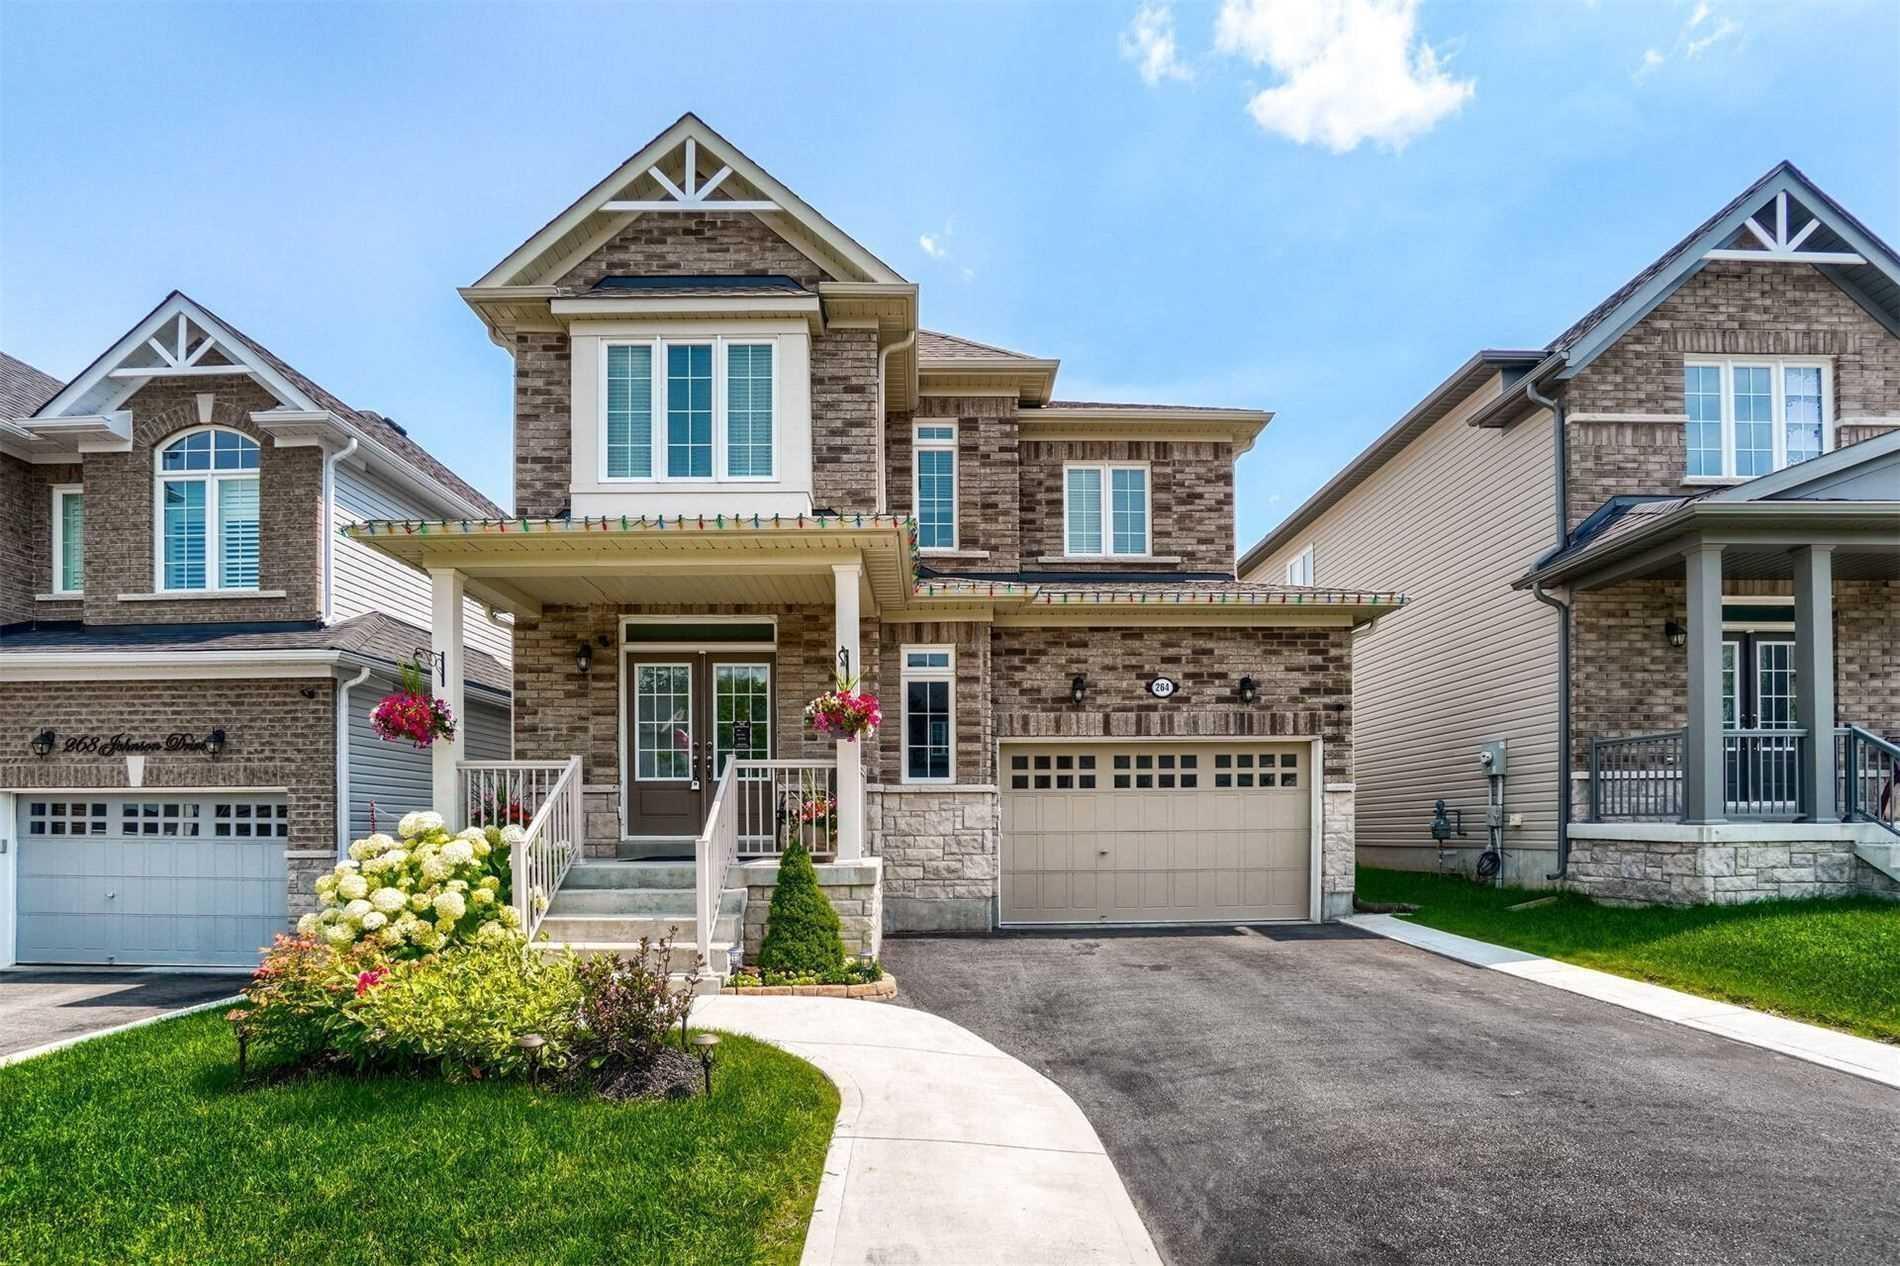 Detached house For Lease In Shelburne - 264 Johnson Dr, Shelburne, Ontario, Canada L9V 3V7 , 4 Bedrooms Bedrooms, ,3 BathroomsBathrooms,Detached,For Lease,Johnson